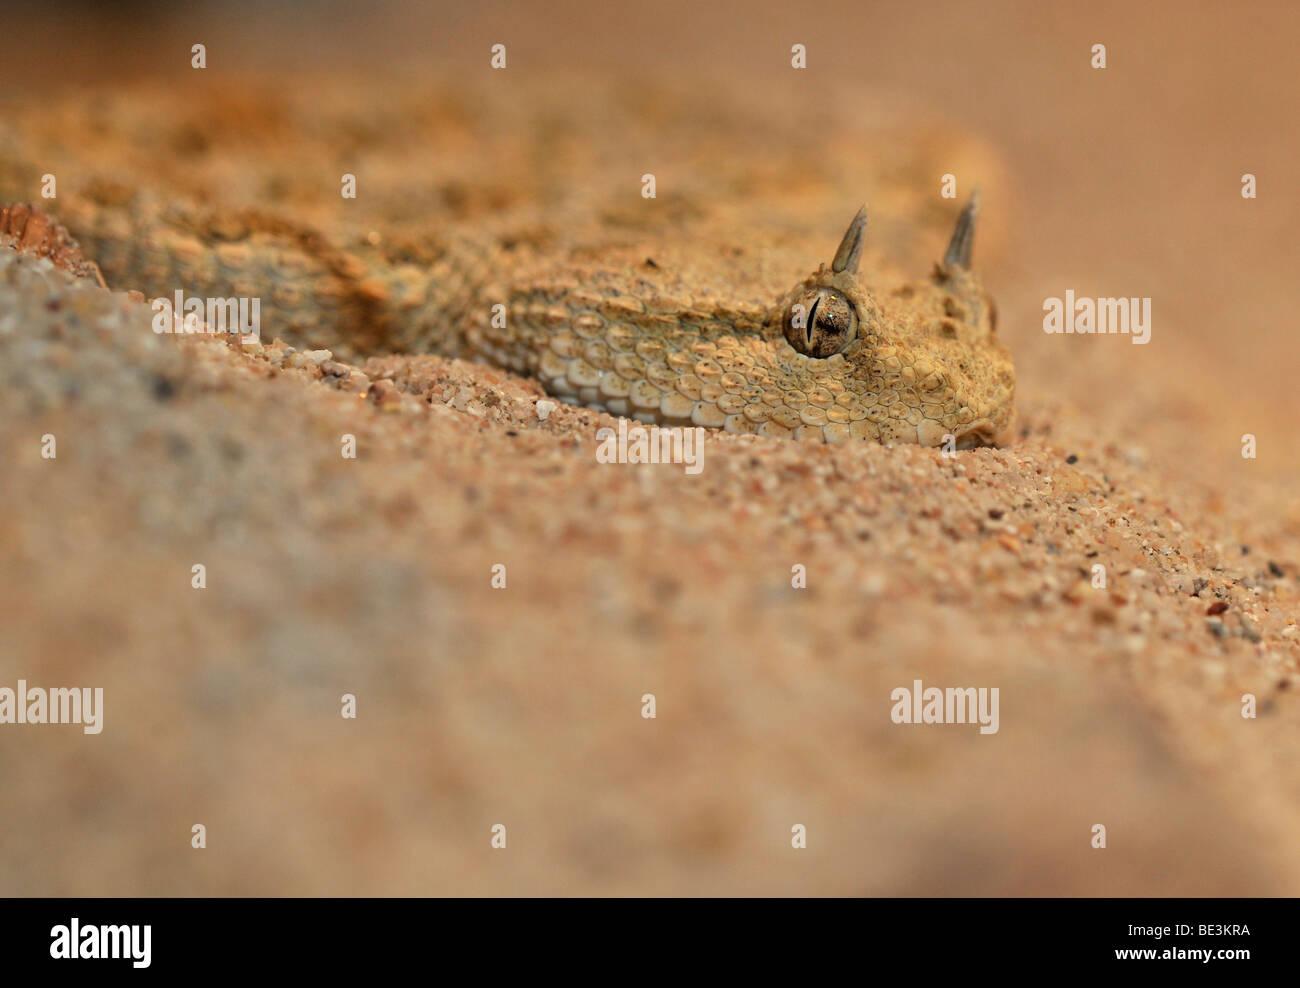 Hornotter (Cerastes Cerastes) in seinem natürlichen Lebensraum Wüste Stockbild